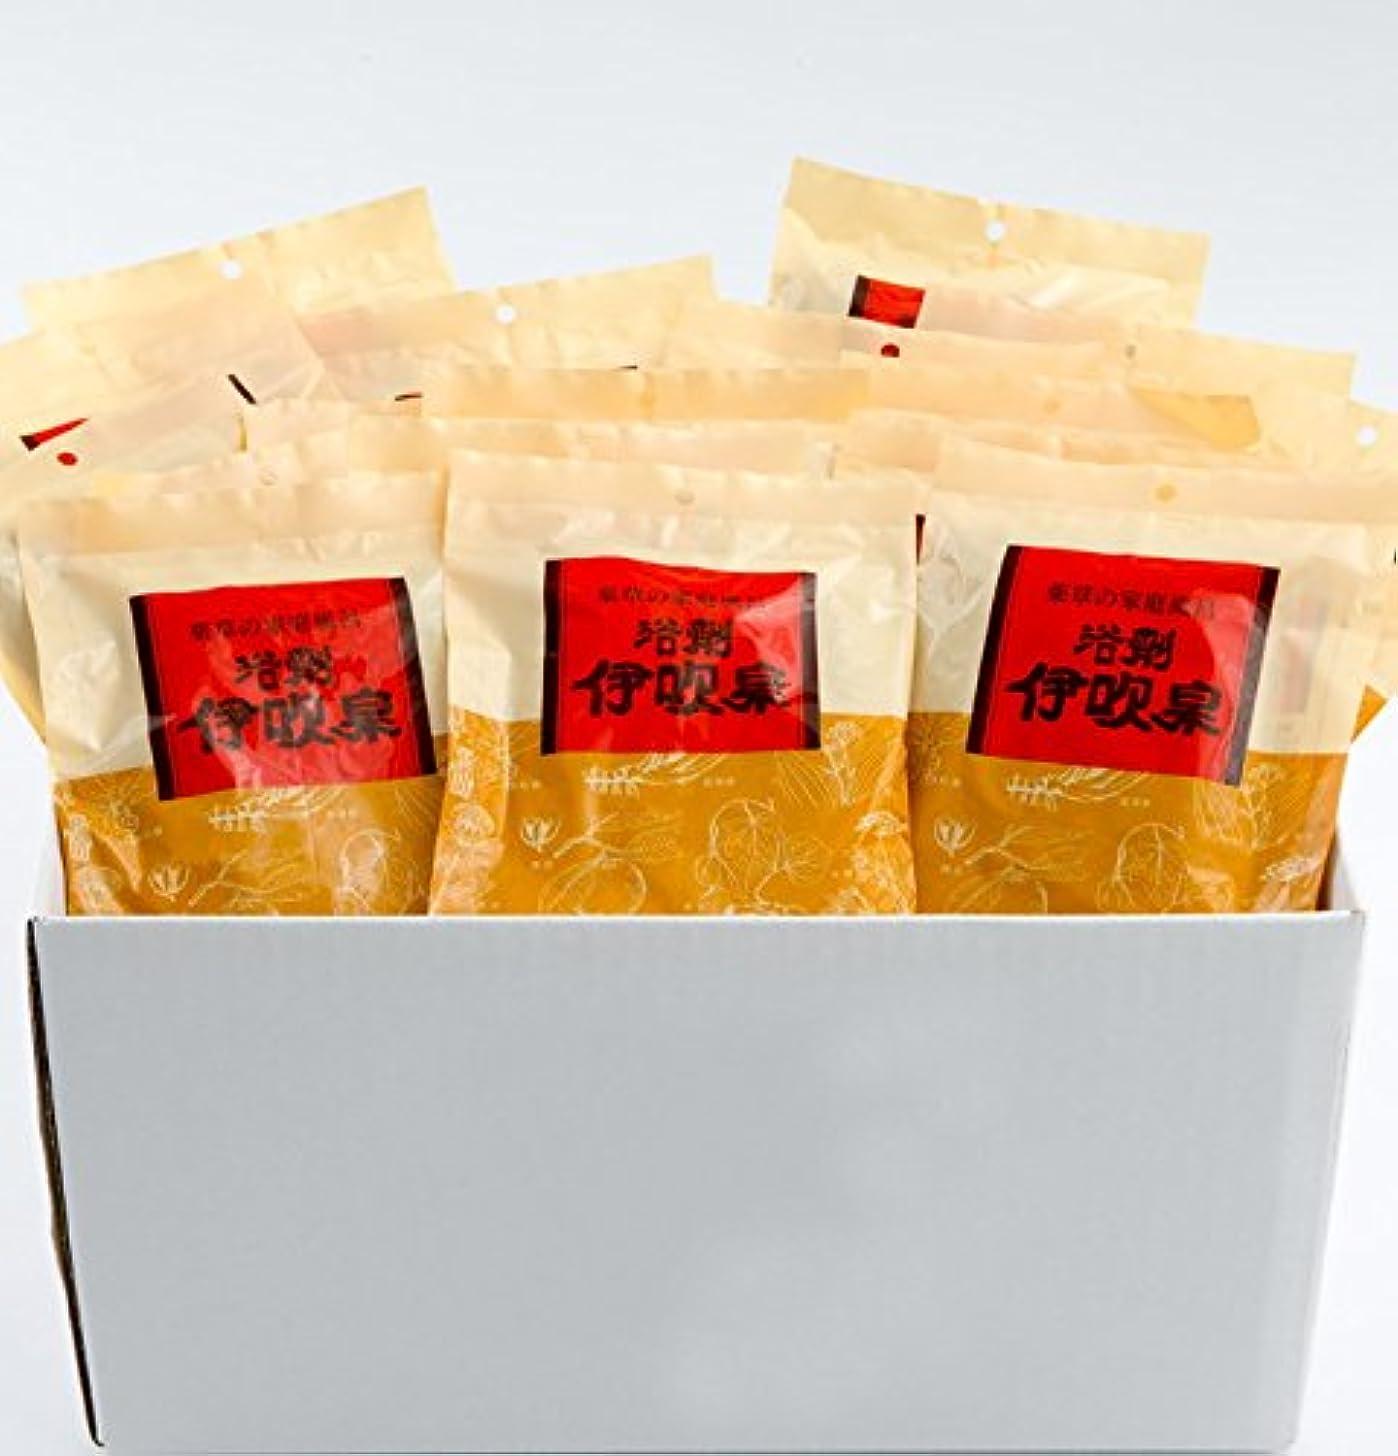 カウンタなしで高度浴剤 伊吹泉 ~薬草の家庭風呂~ 16袋(32包)セット